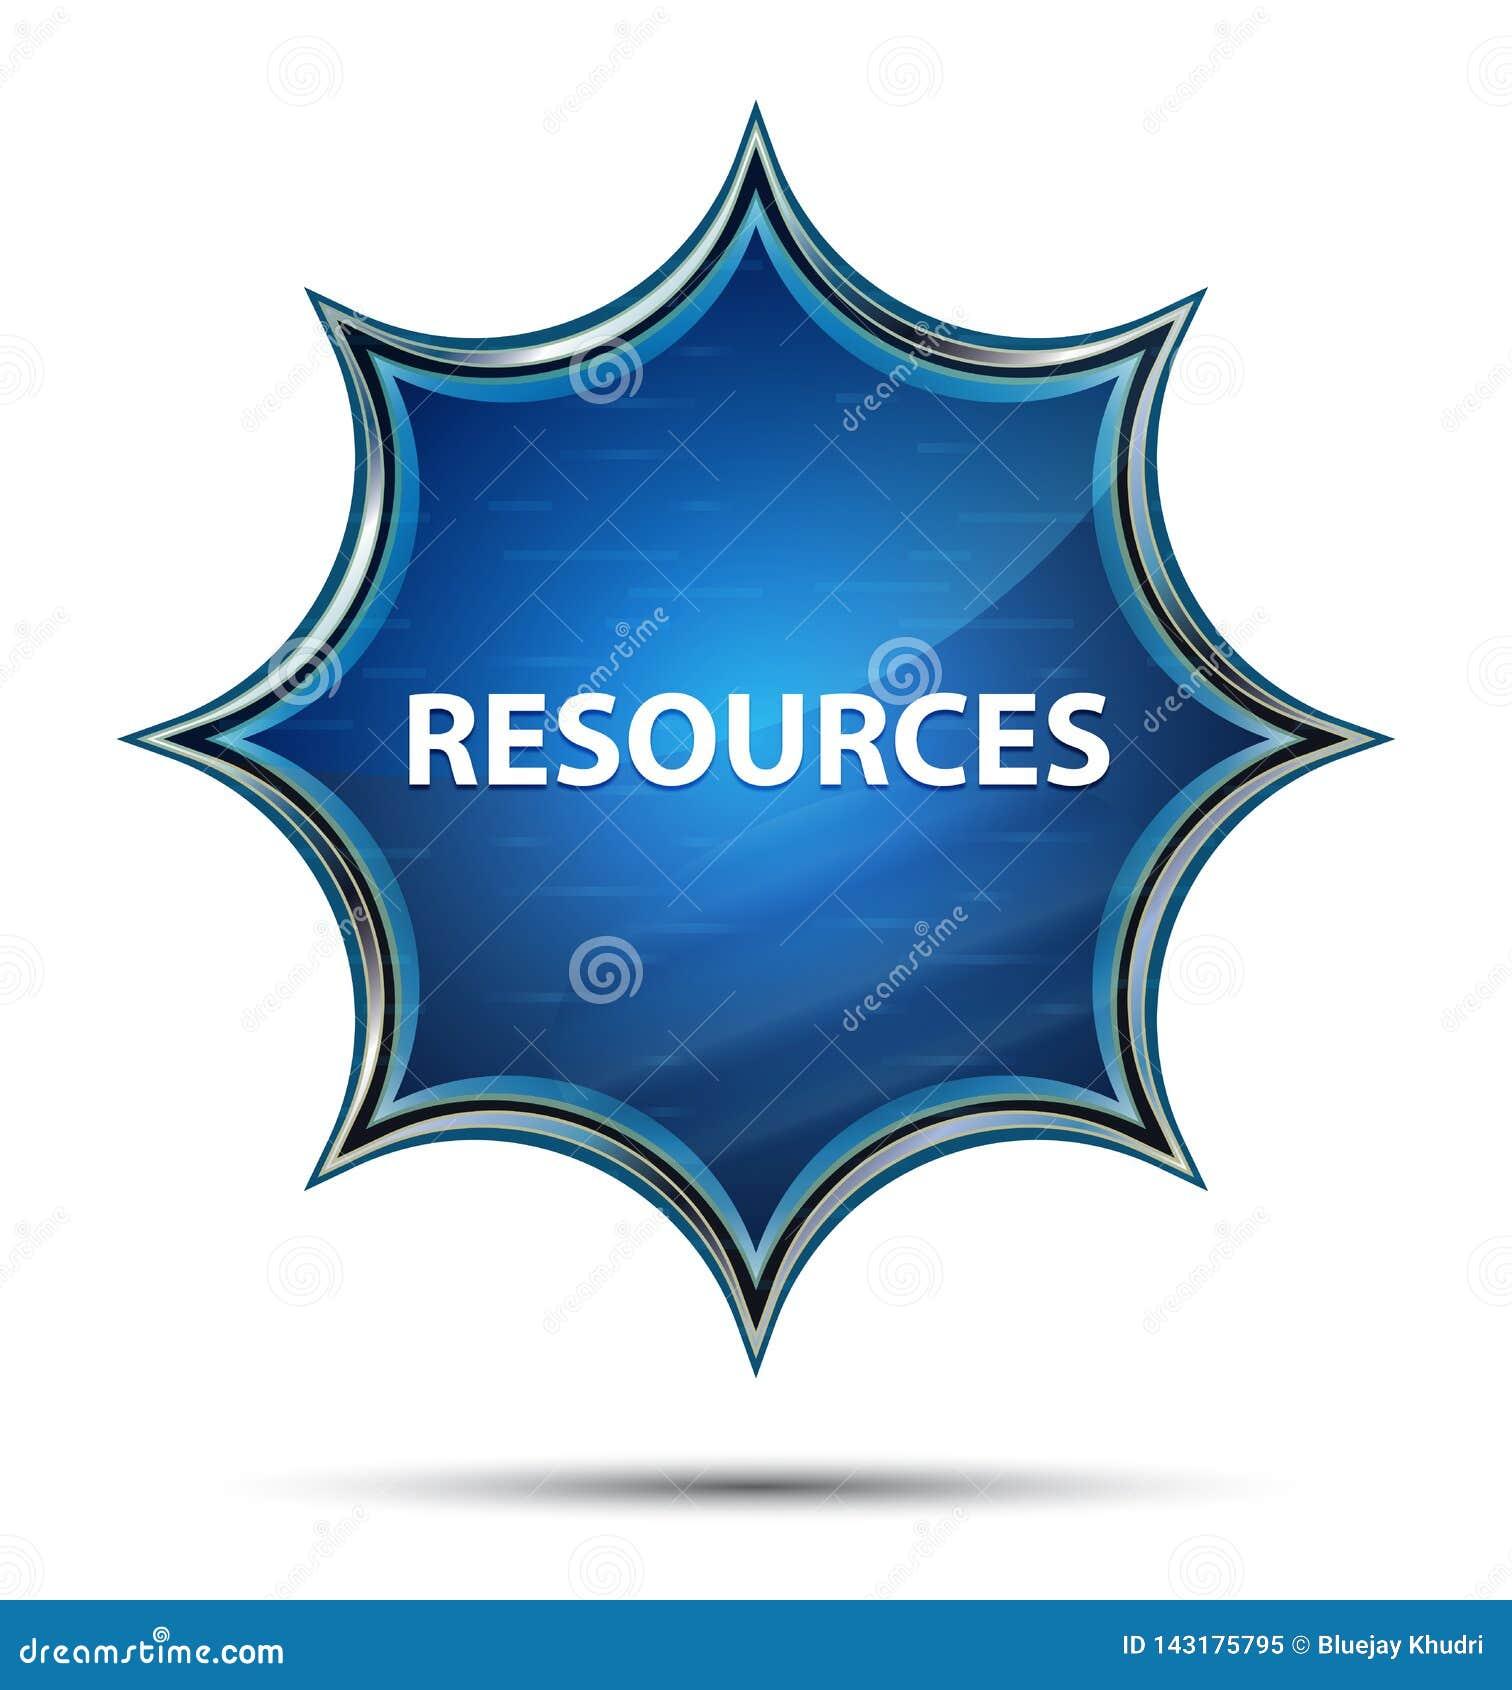 Botão azul sunburst vítreo mágico dos recursos